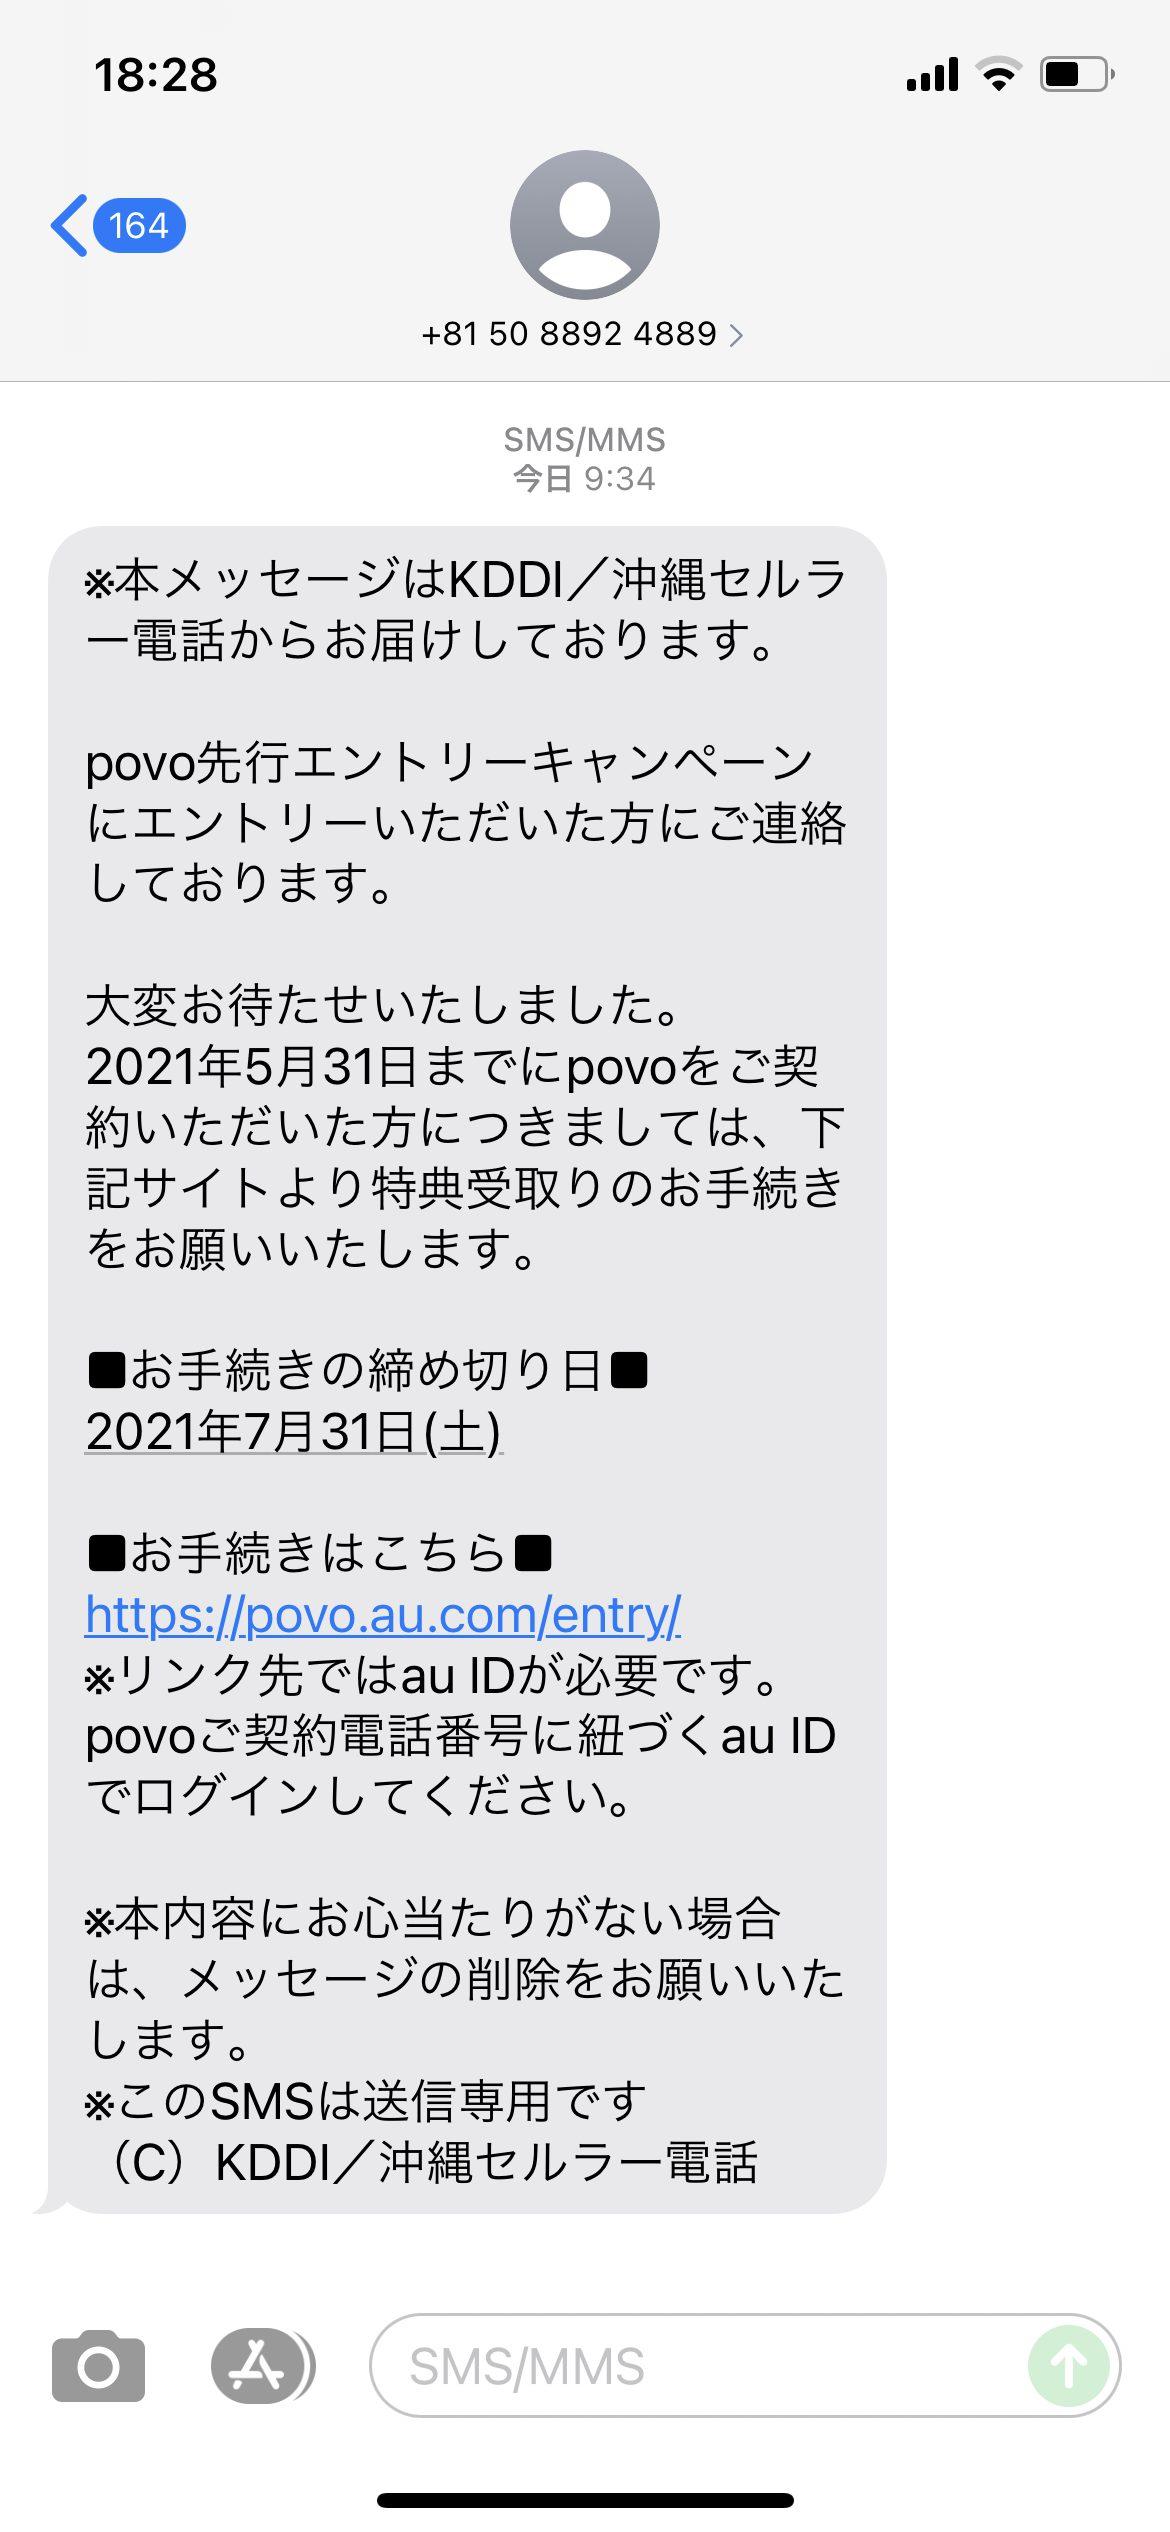 確認SMS